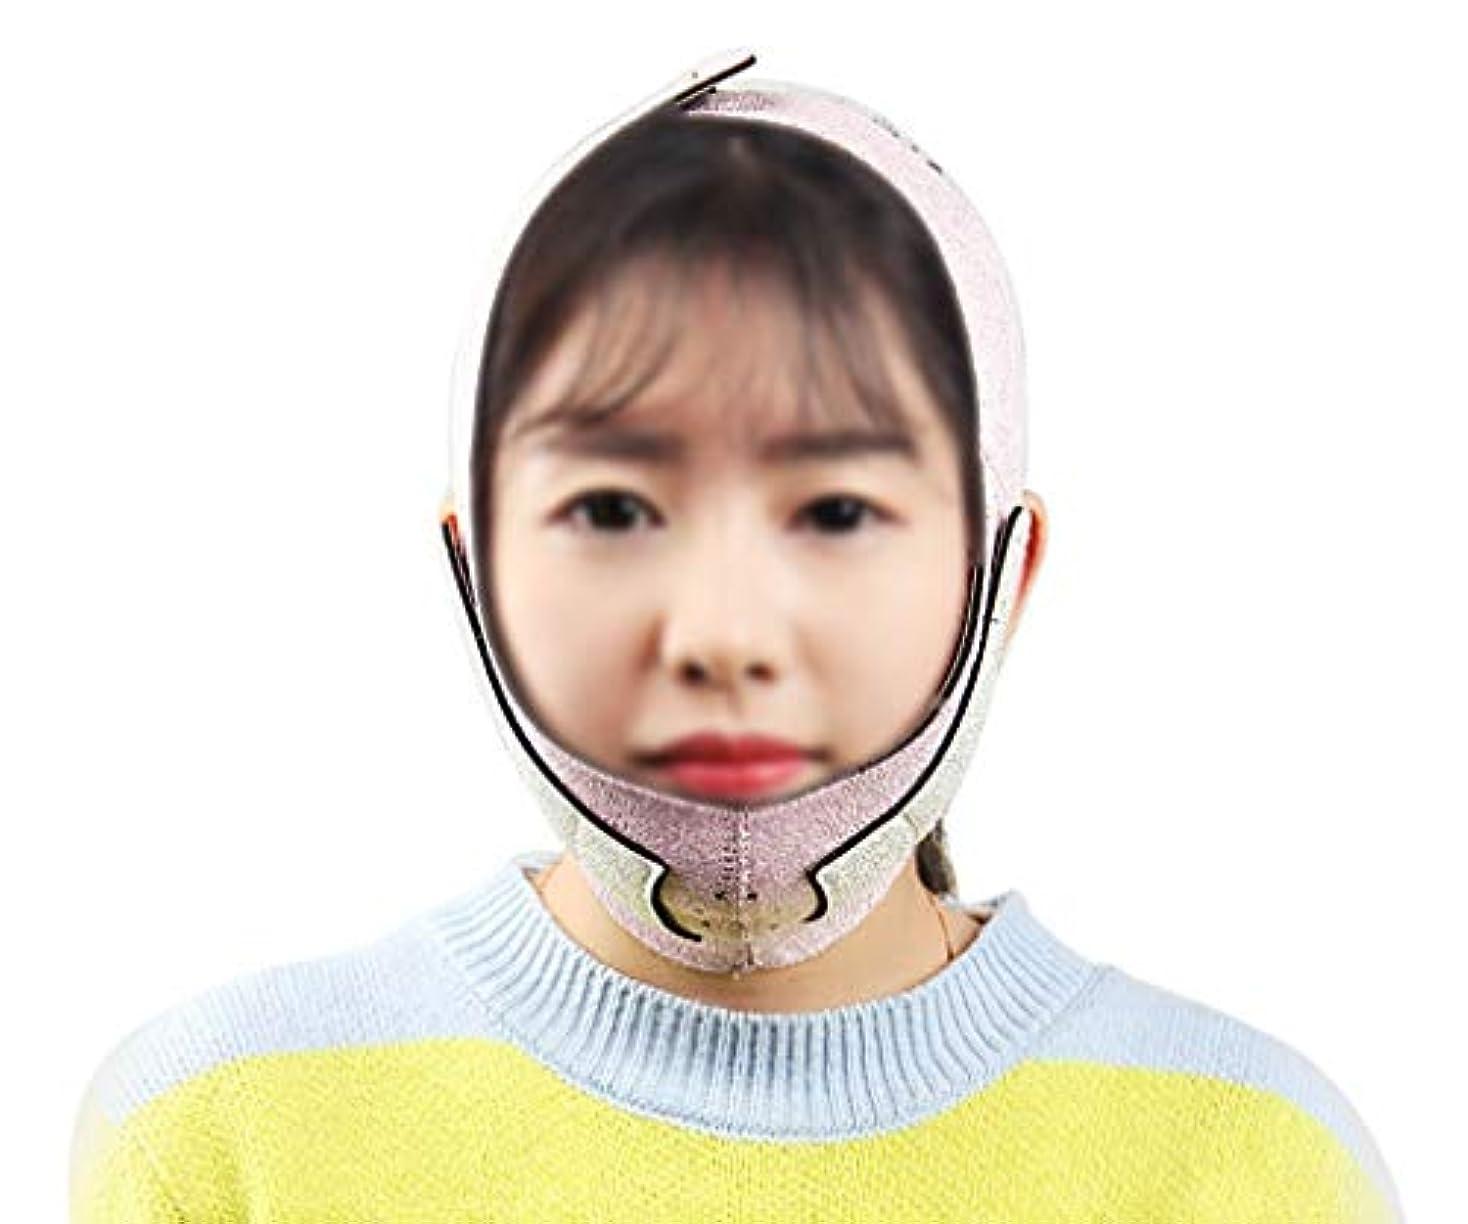 性差別アソシエイトハンサム引き締めフェイスマスク、薄いフェイスバンド新しい締め付け二重あごフェイスリフティングアーティファクトVフェイスバンデージ(3フェイスバンデージ)